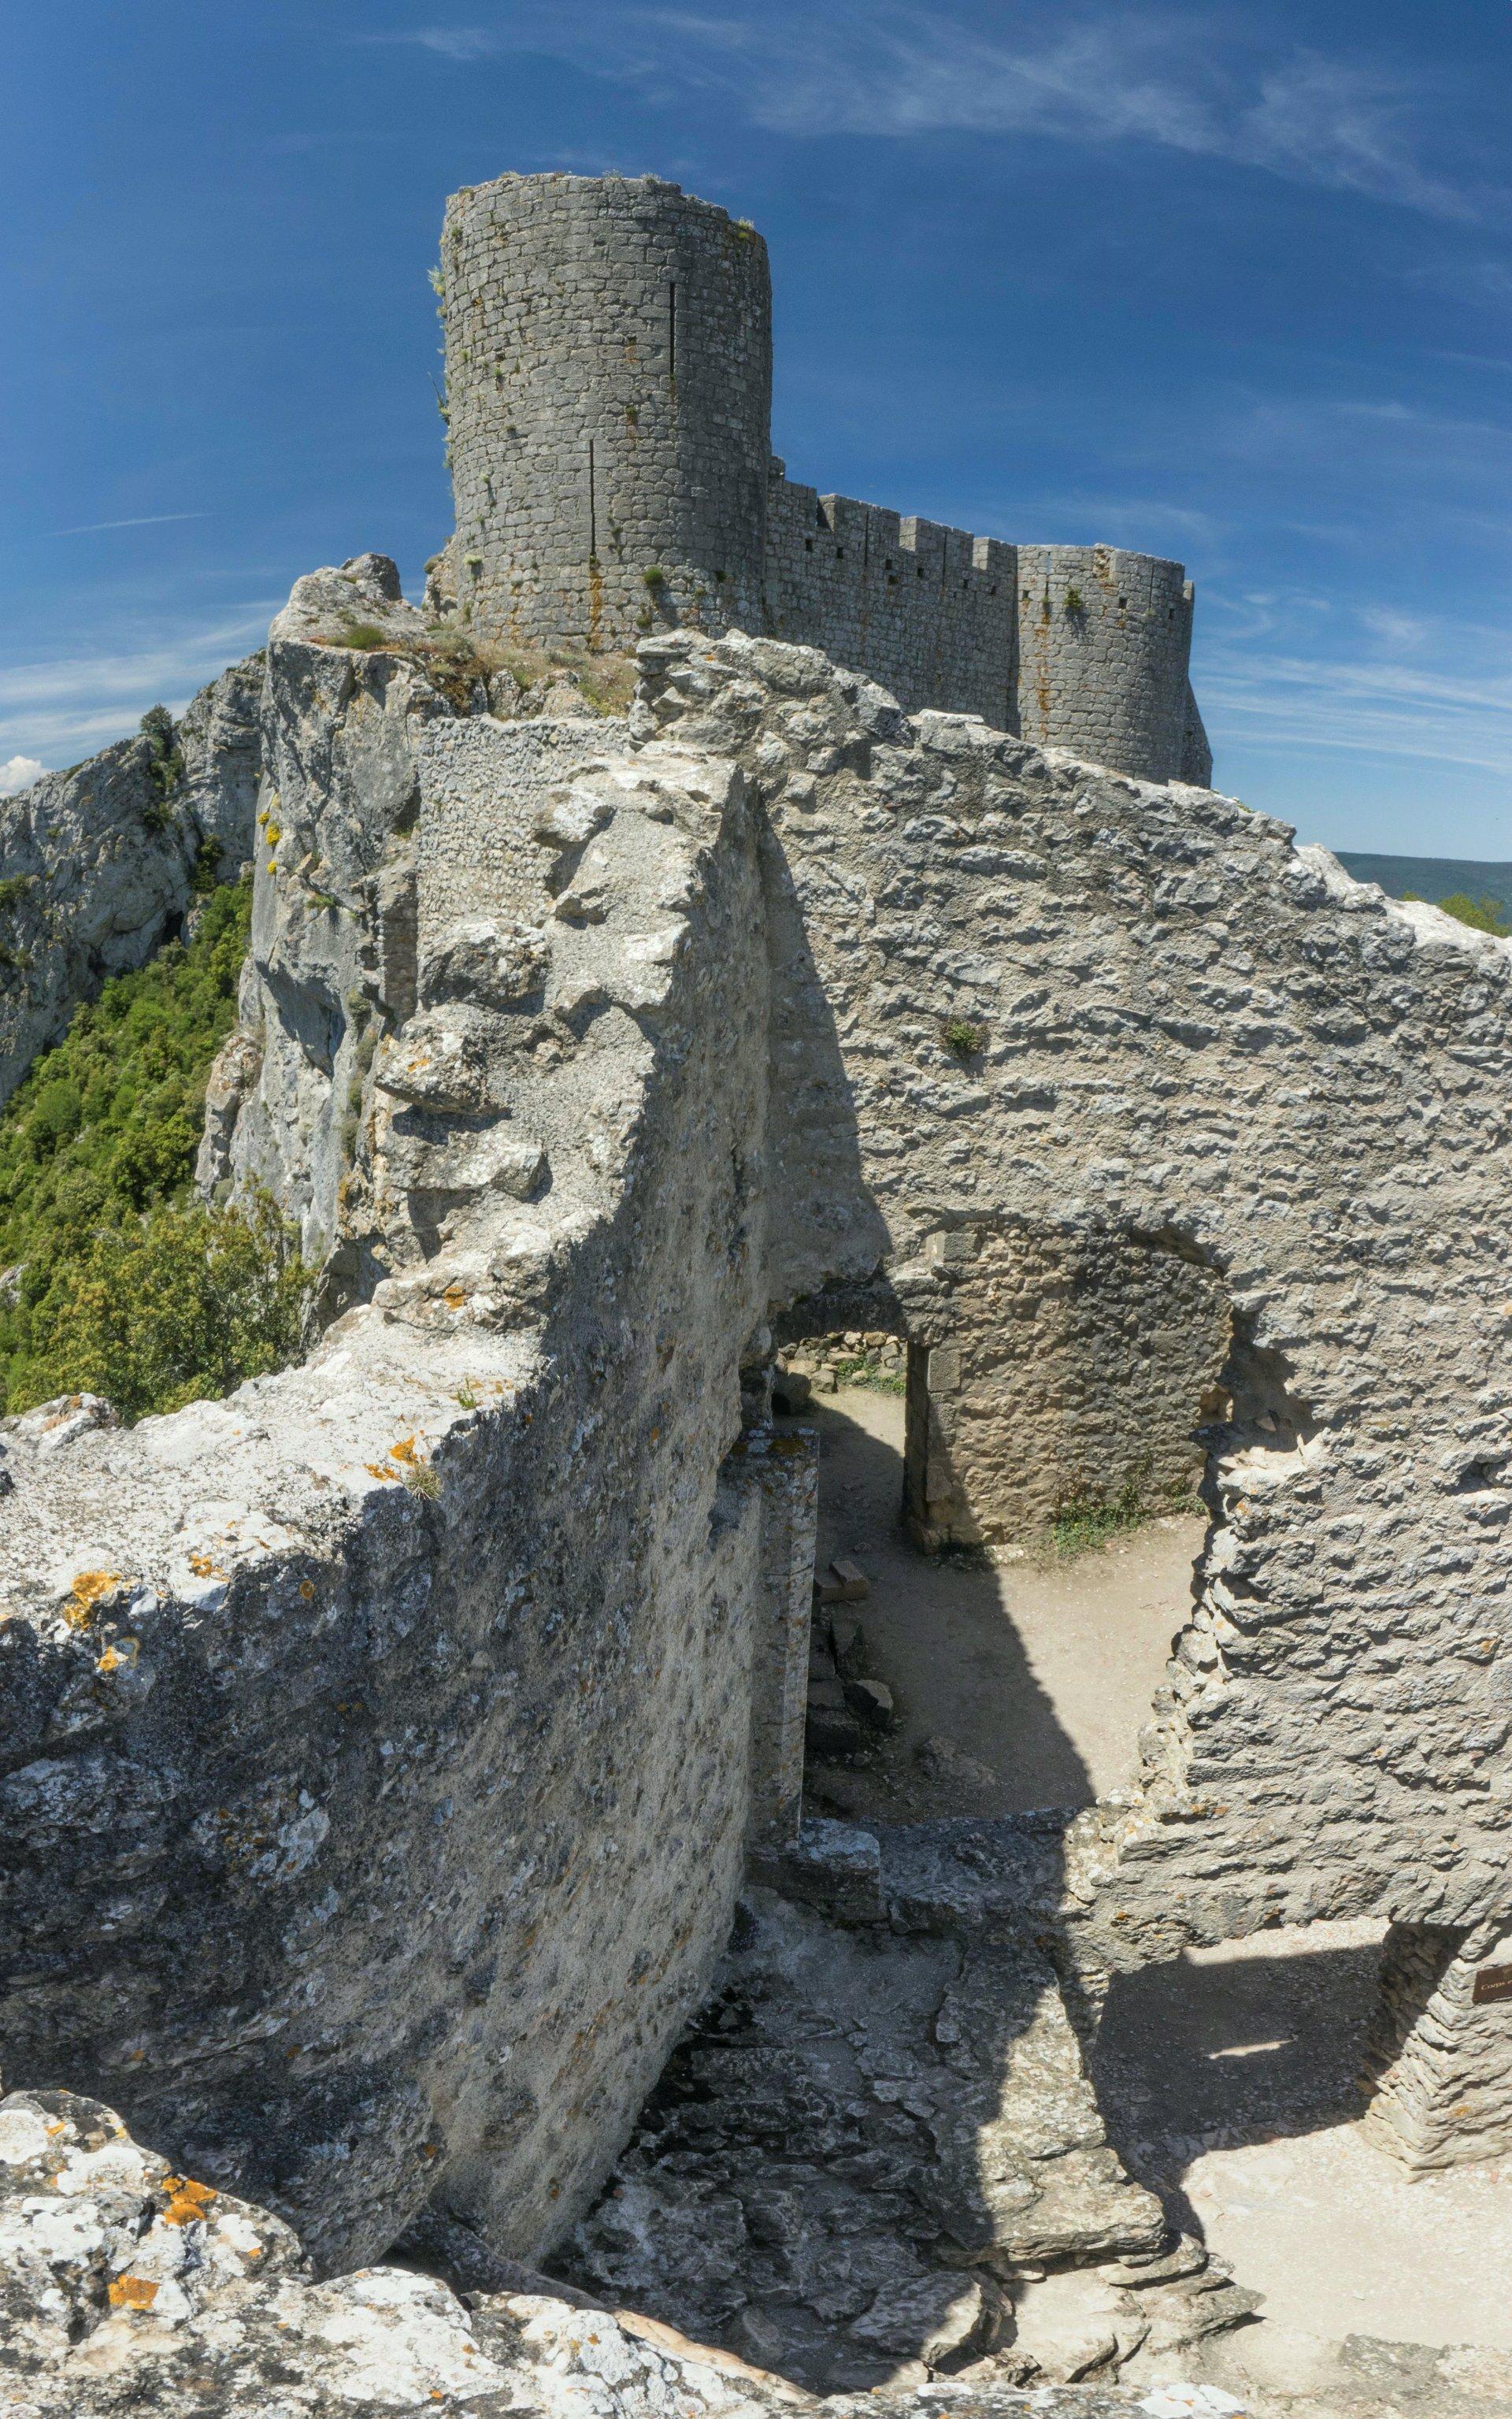 Unterkunftsquartier der ersten Ringmauer vom Château de Peyrepertuse